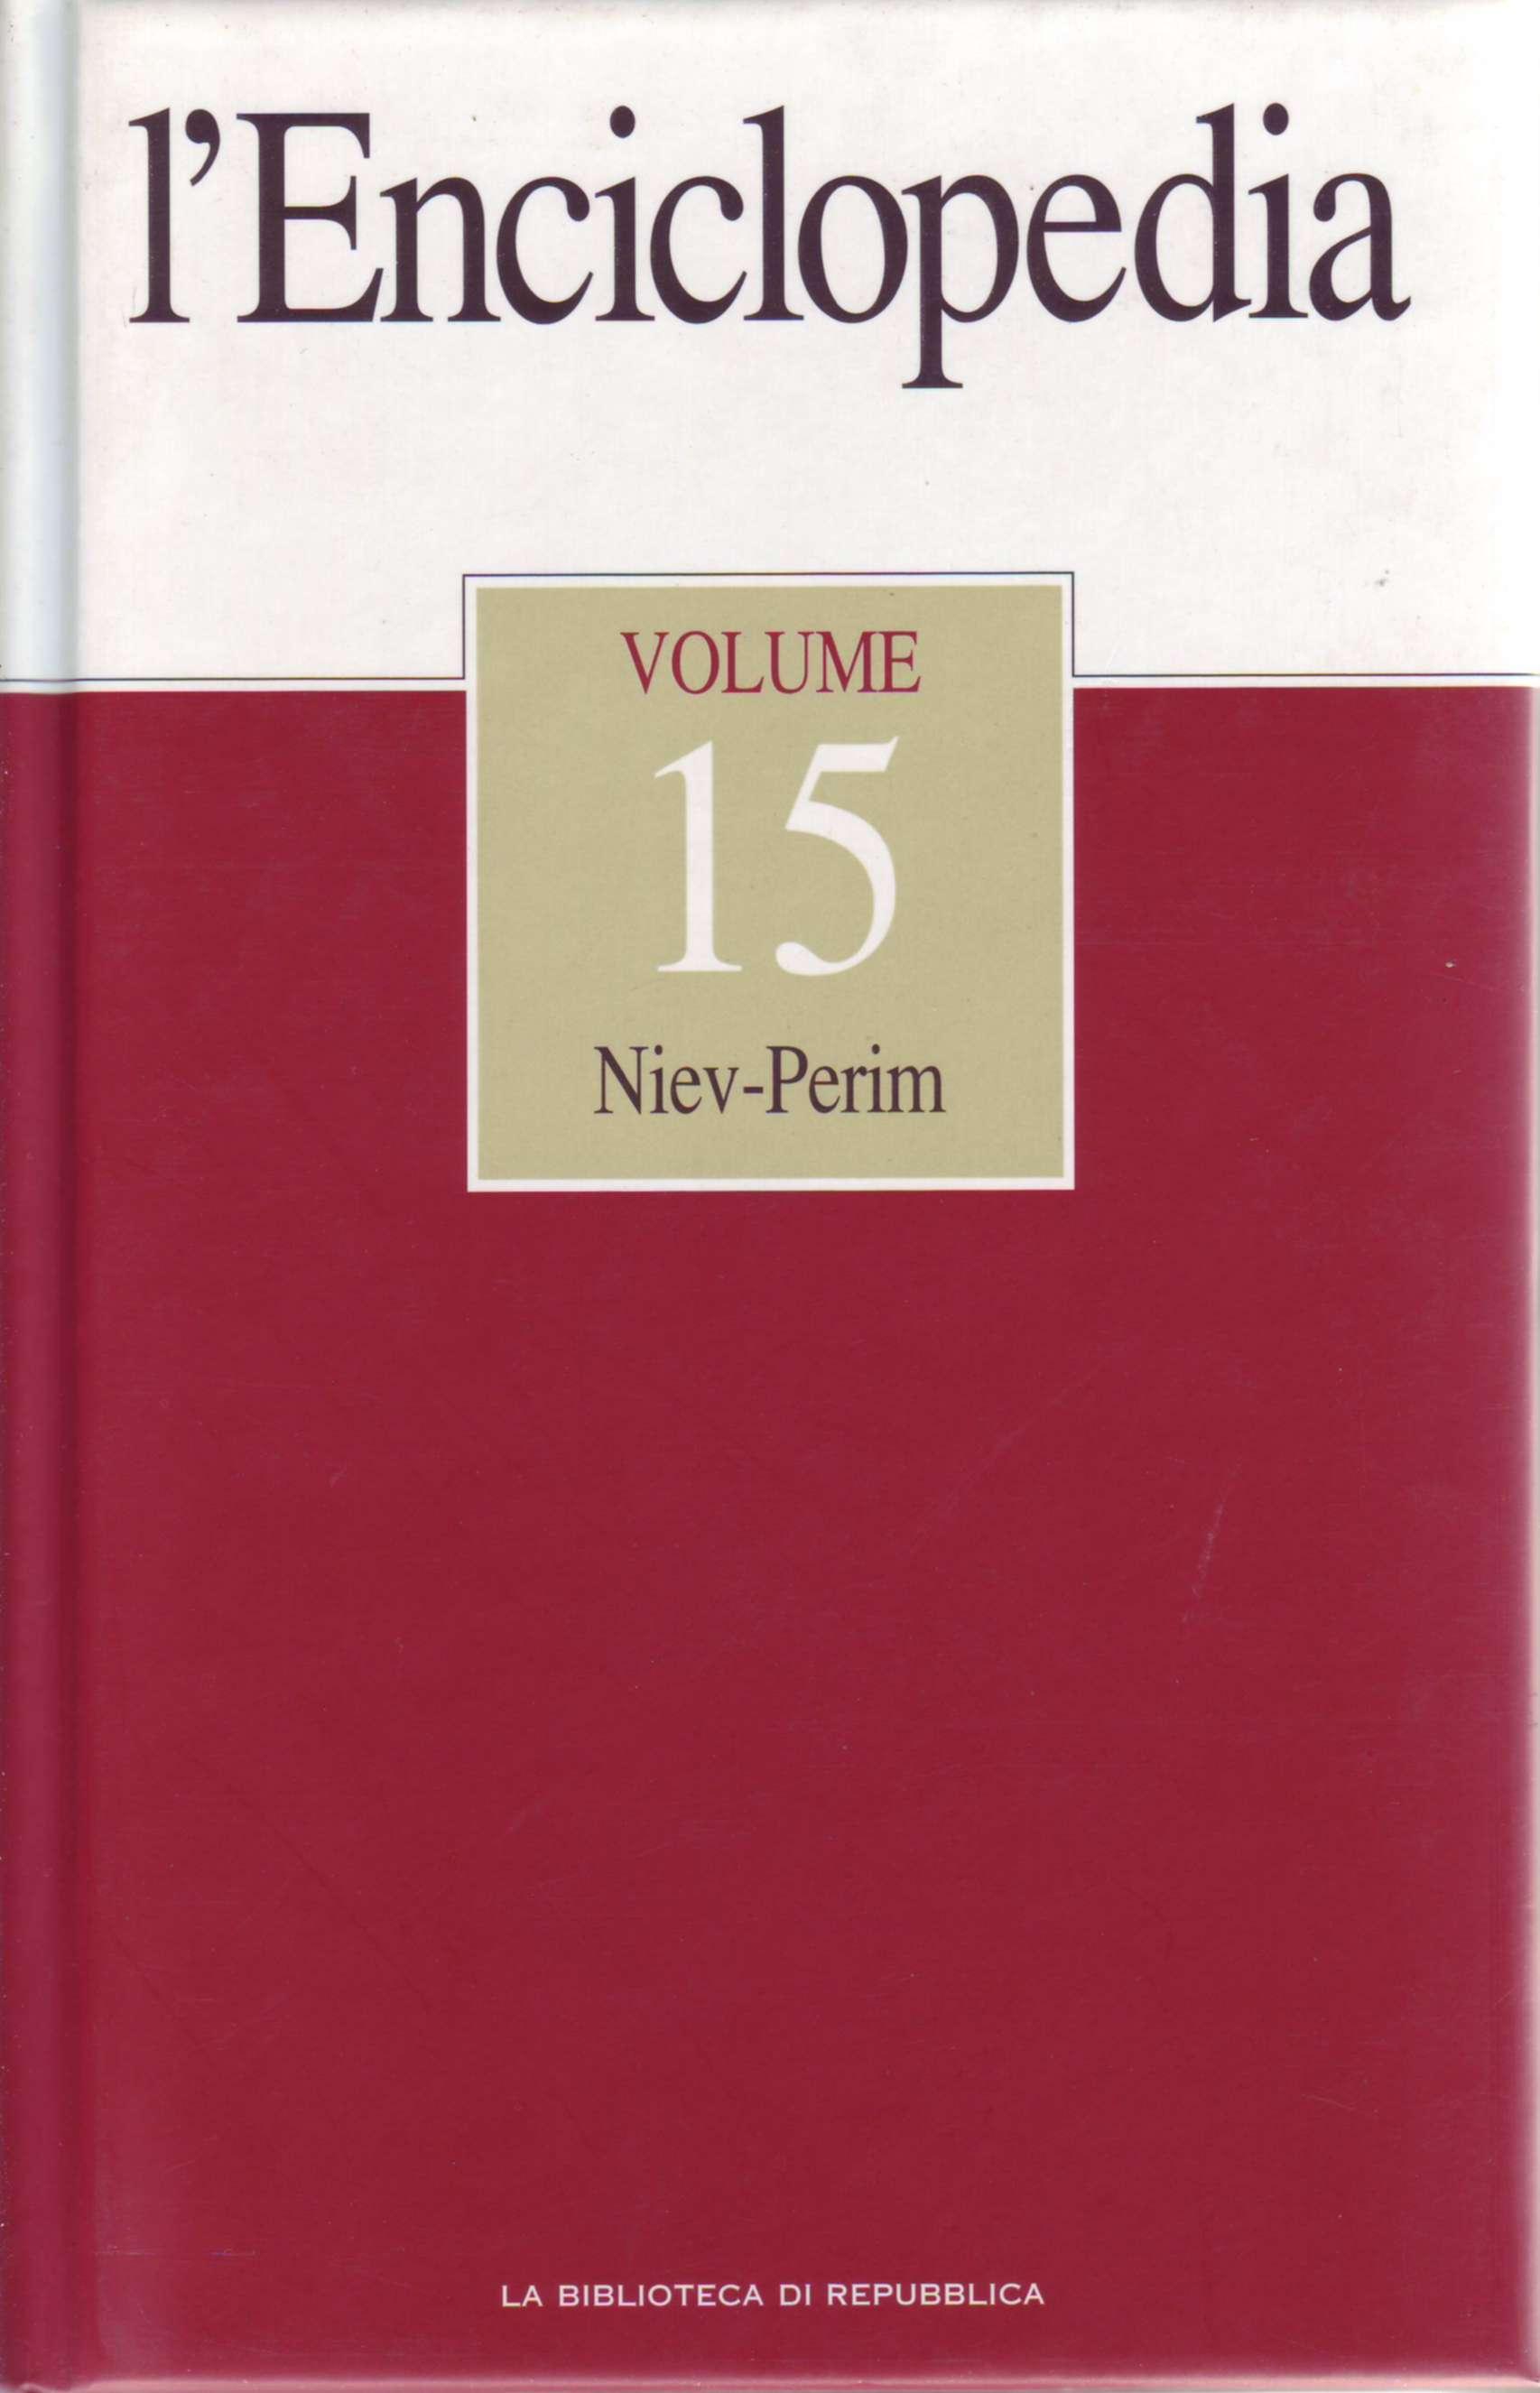 L'Enciclopedia - Vol. 15